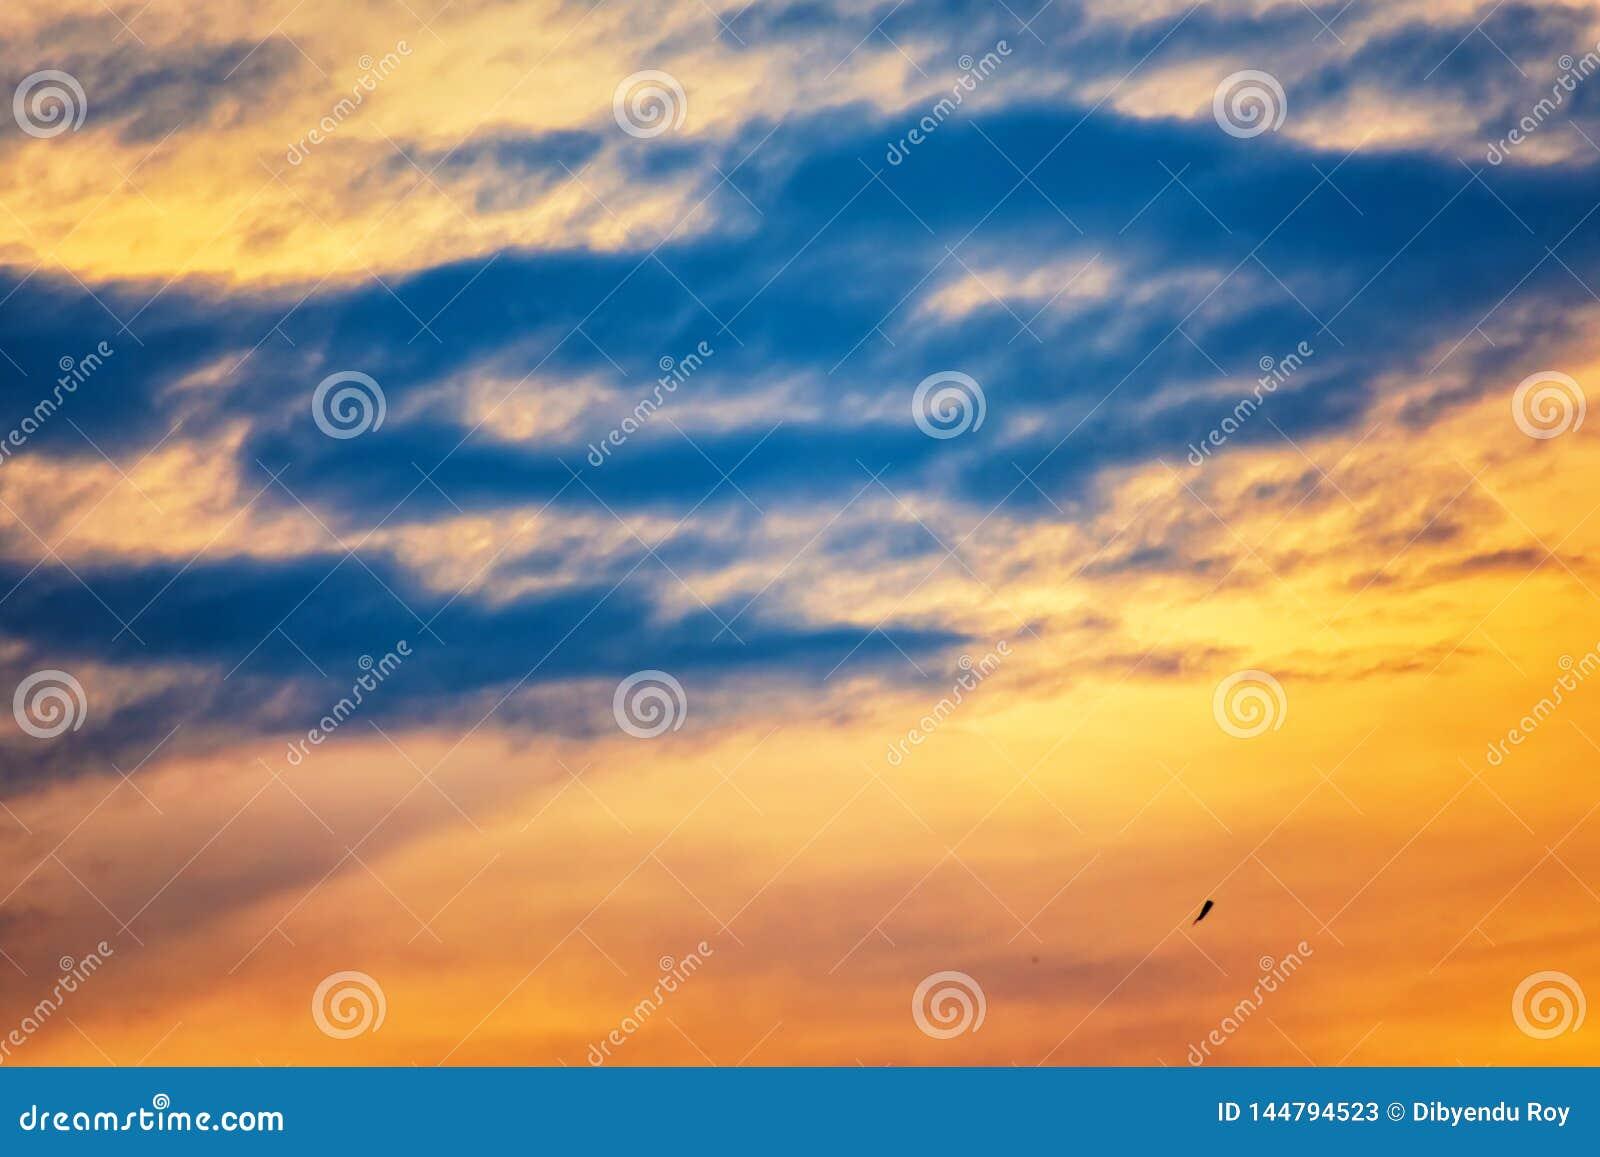 Magie crépusculaire de couleur de ciel avec des nuages